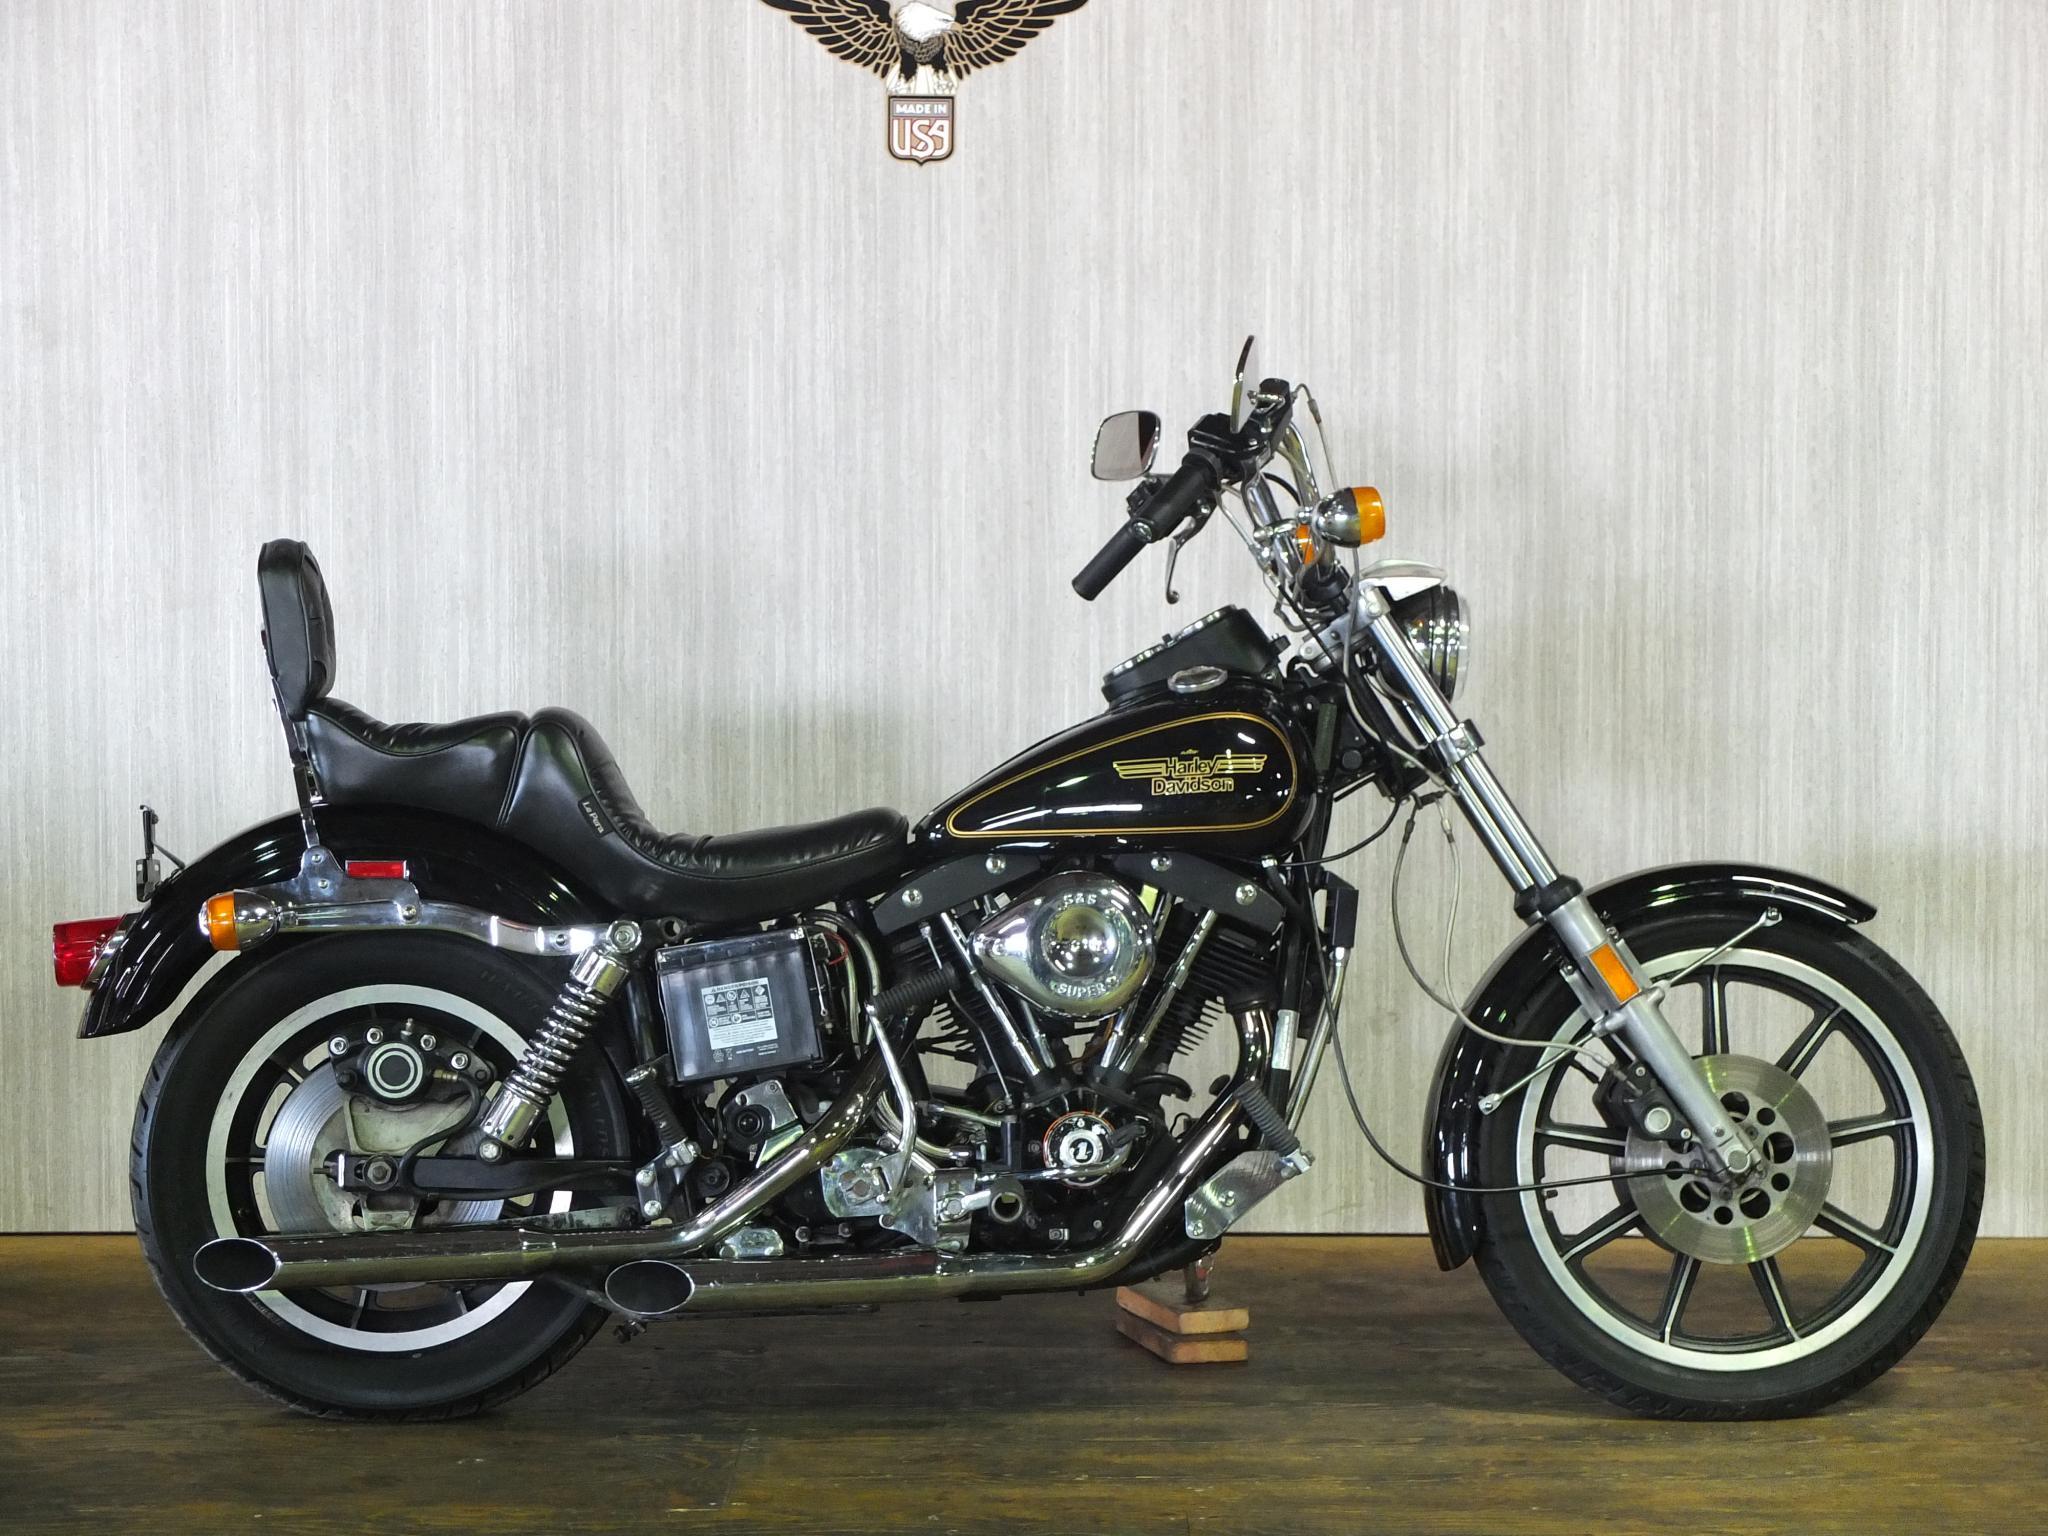 ハーレーダビッドソン 1981 FXS Low Rider 車体写真1